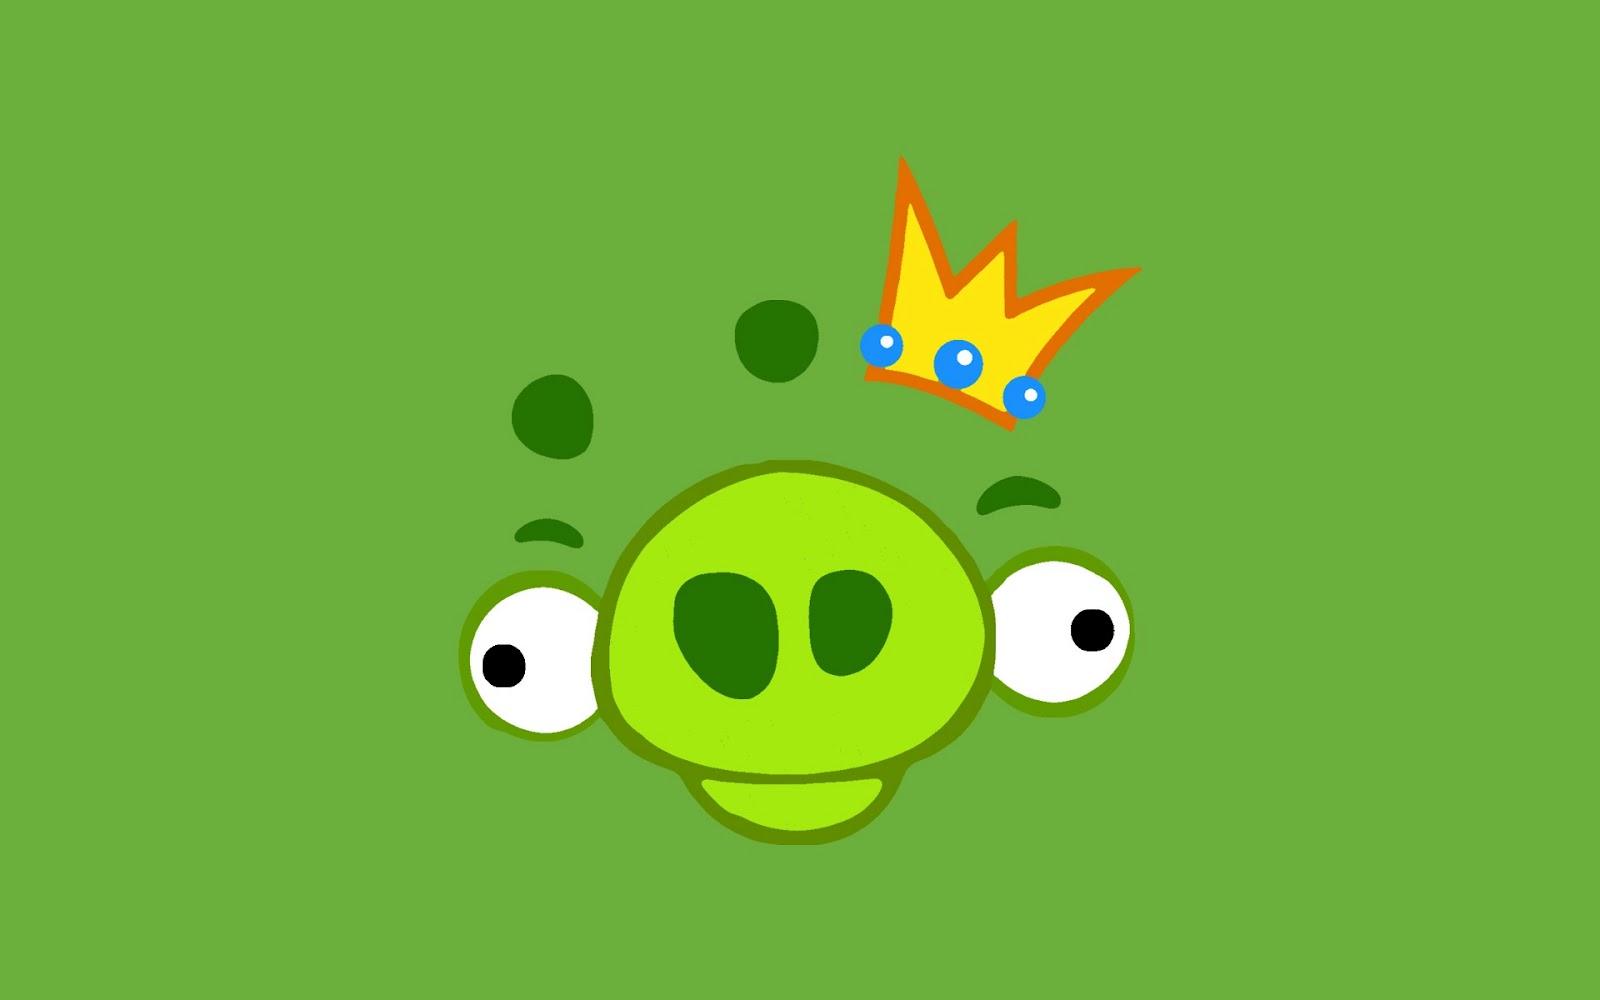 http://2.bp.blogspot.com/-oyy_QNMS9iw/T1KbbYr4ptI/AAAAAAAAAyw/cEKCxsV0IyA/s1600/Angry_Birds_Pig_King_Minimal_Wallpaper_gWb.jpg